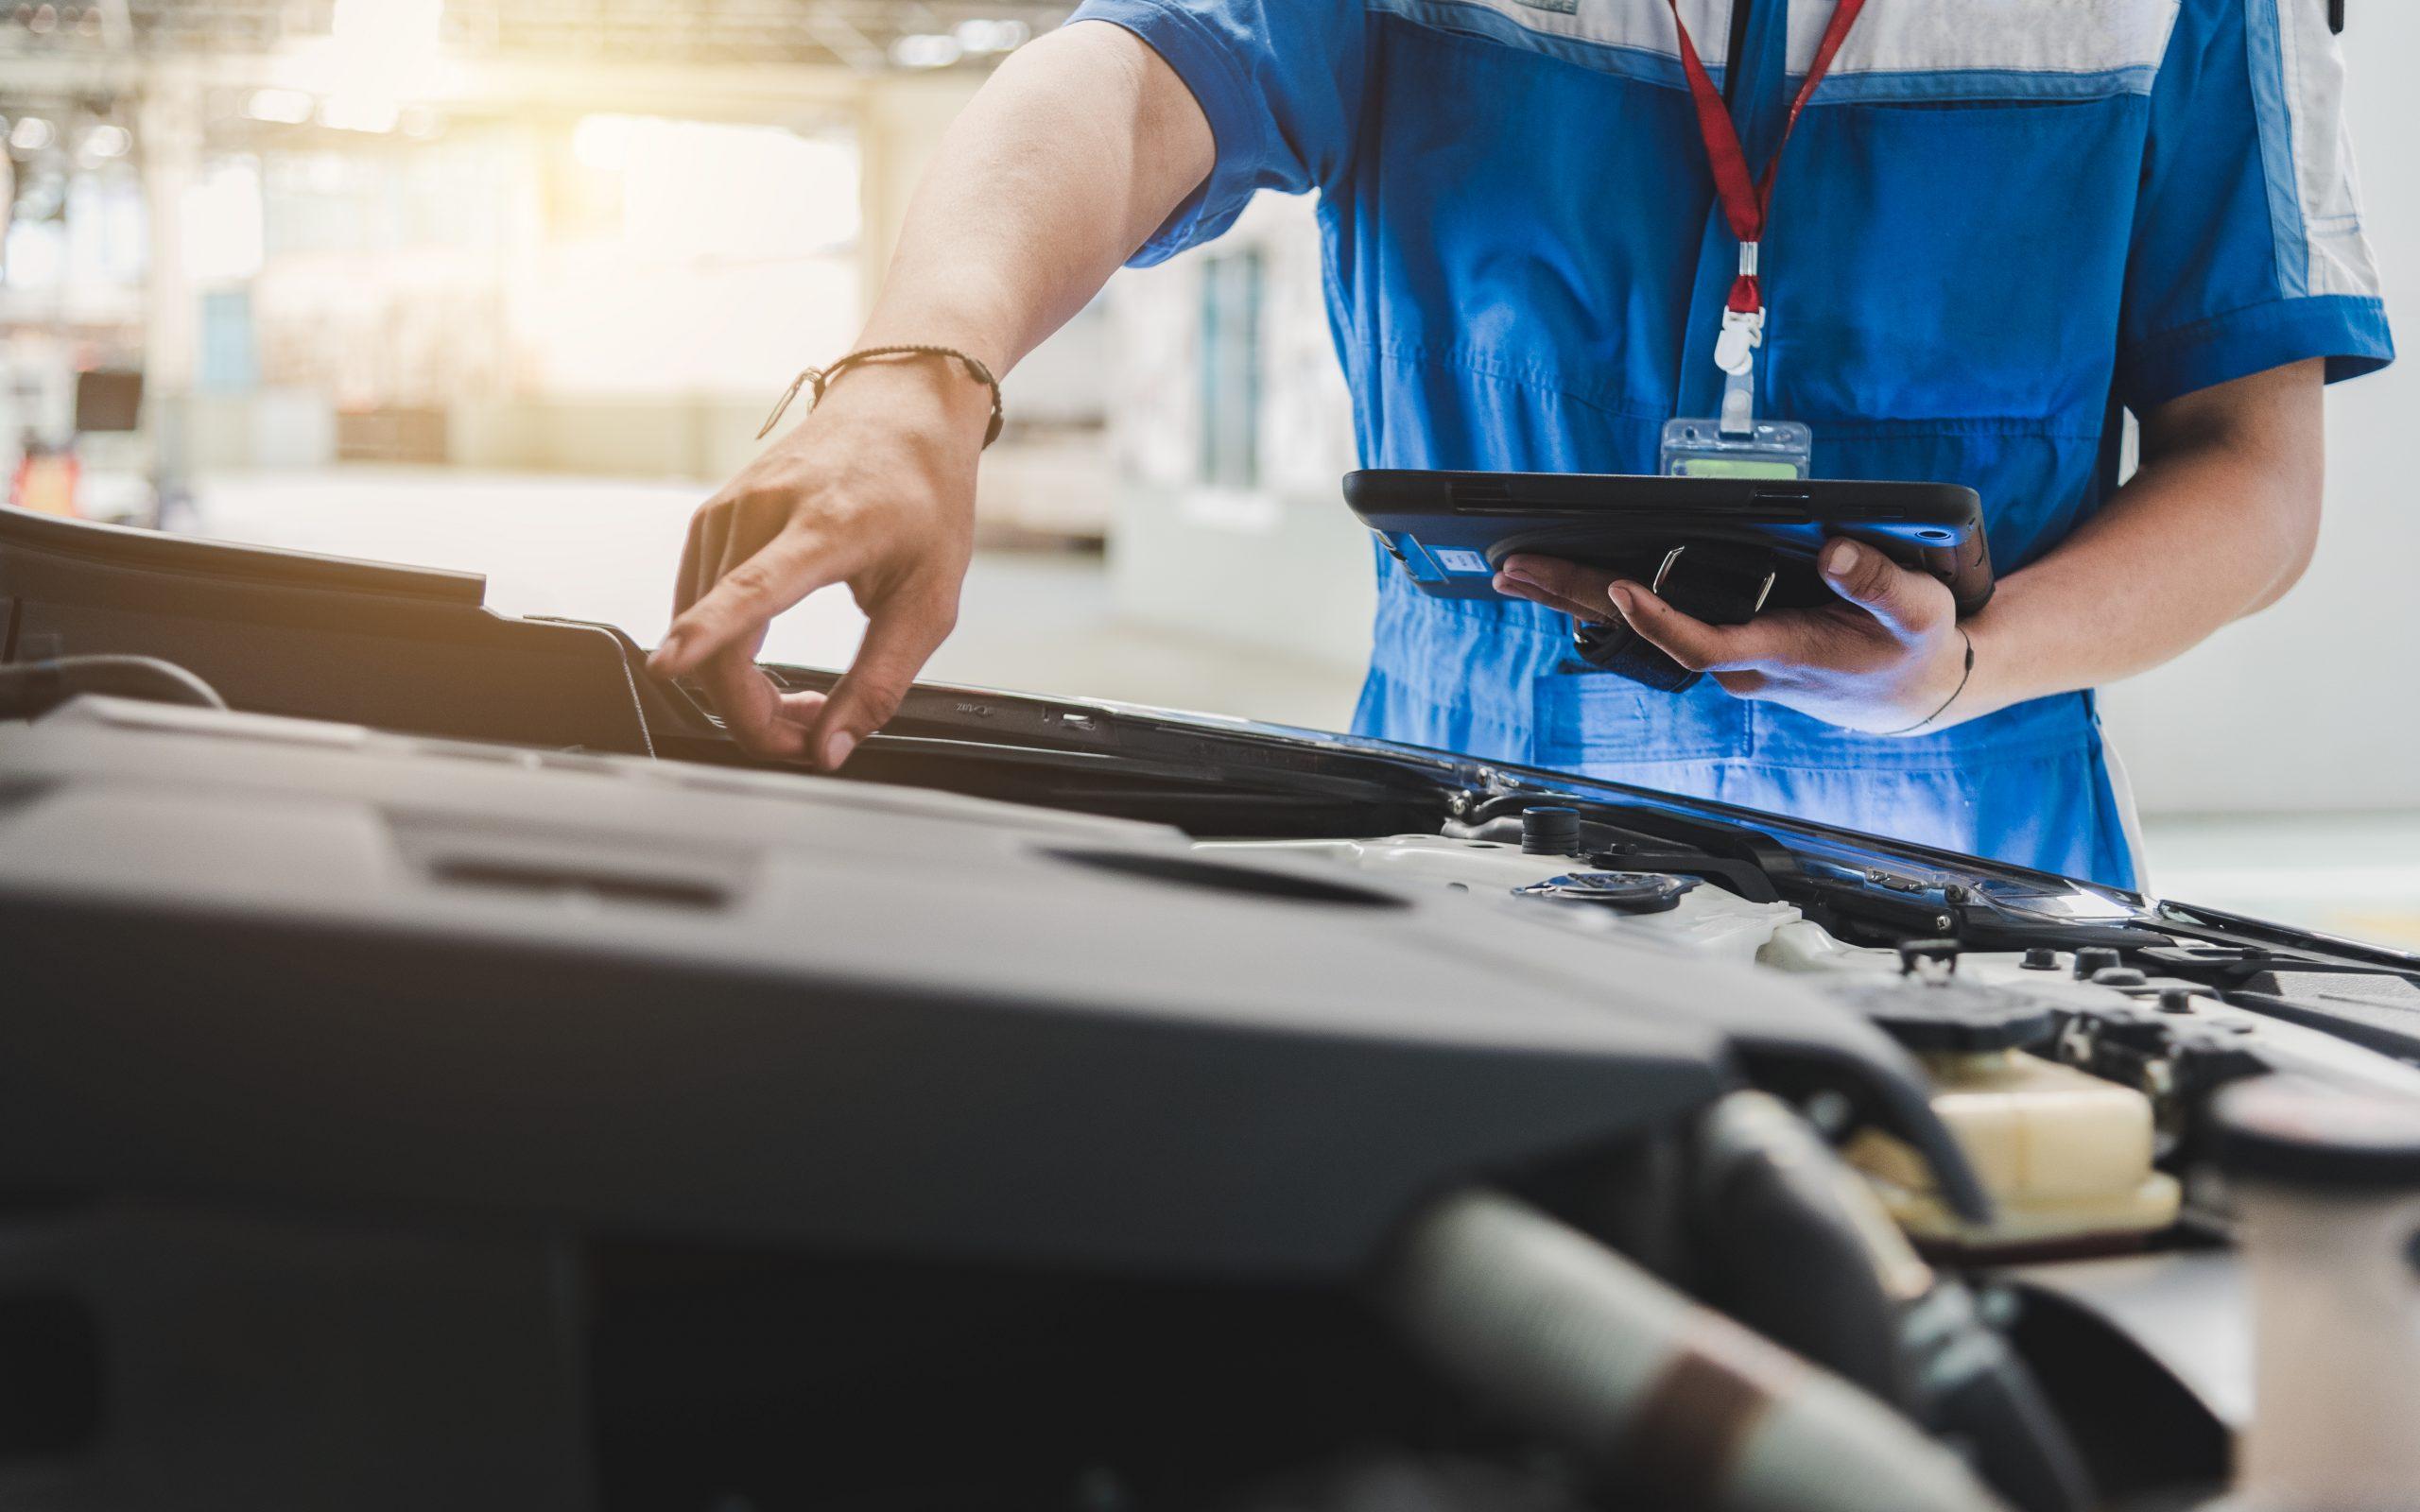 Kontrolle des Motors durch einen Mitarbeiter - Karosseriebau und Lackiererei Kolahi e.k. seit 1997 in Mönchengladbach